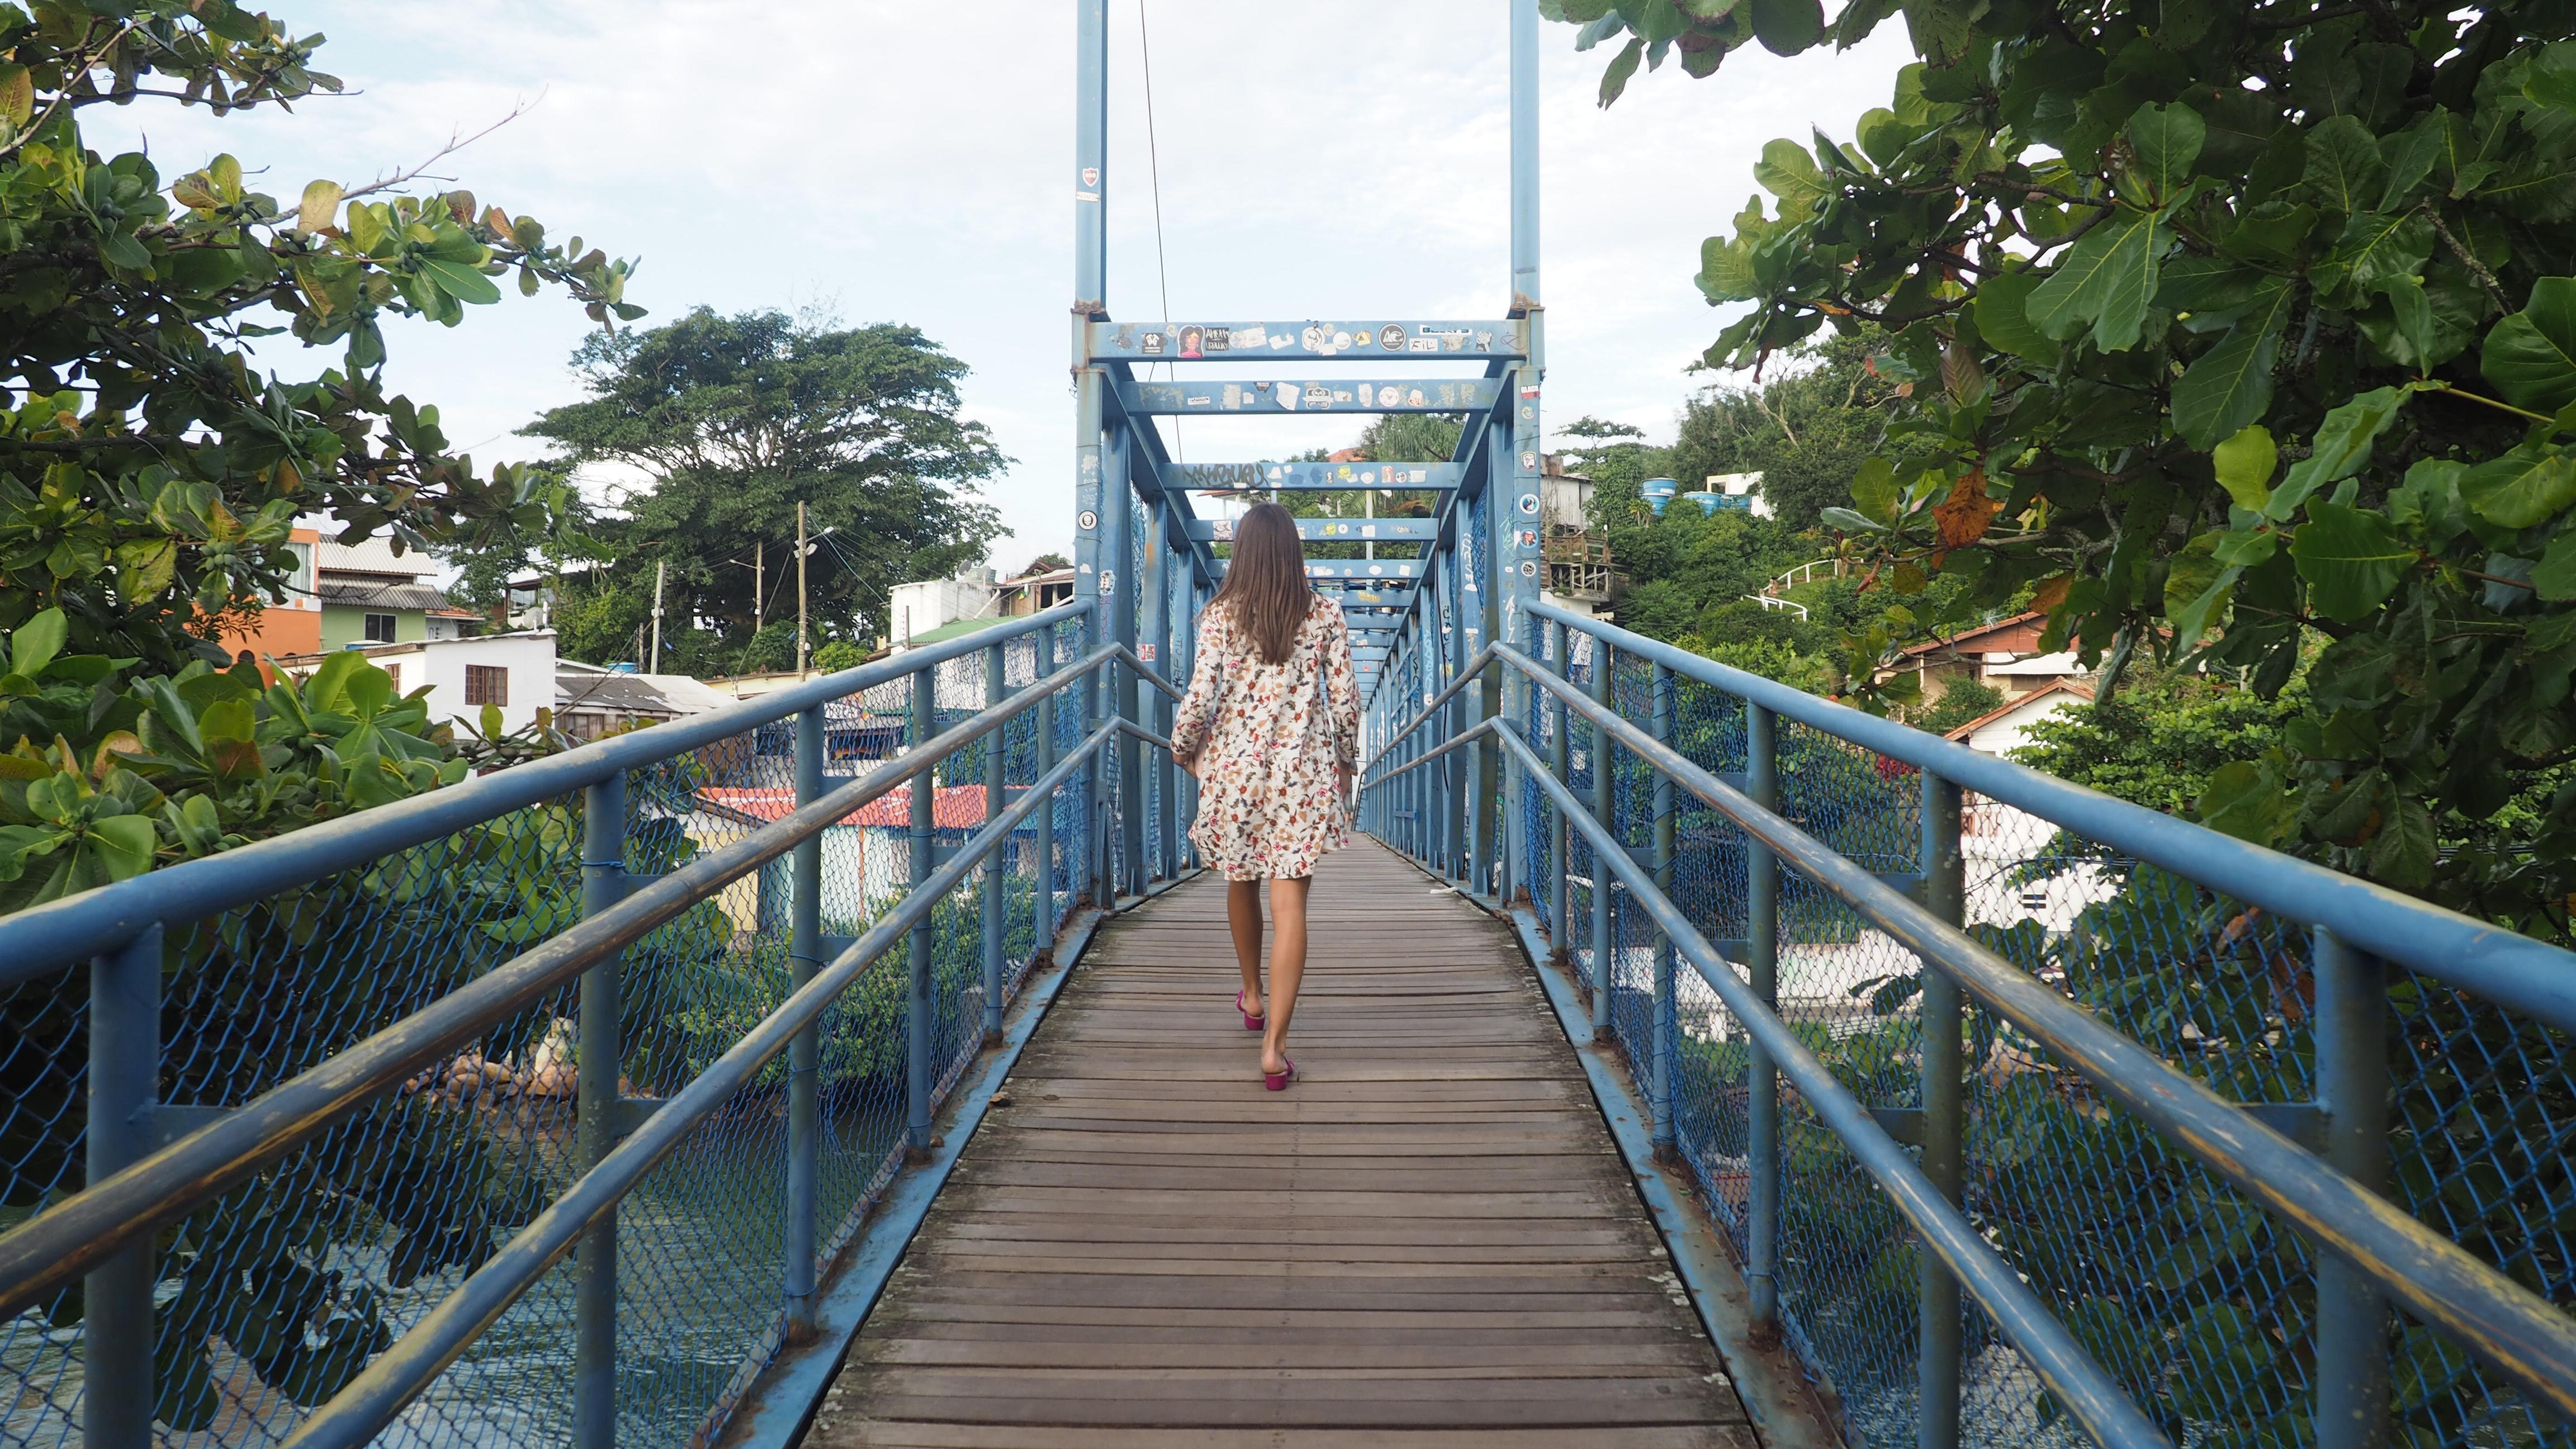 Puente sobre el río que divide en dos Barra da Lagoa y desemboca el agua de la Lagoa da Barra en el mar